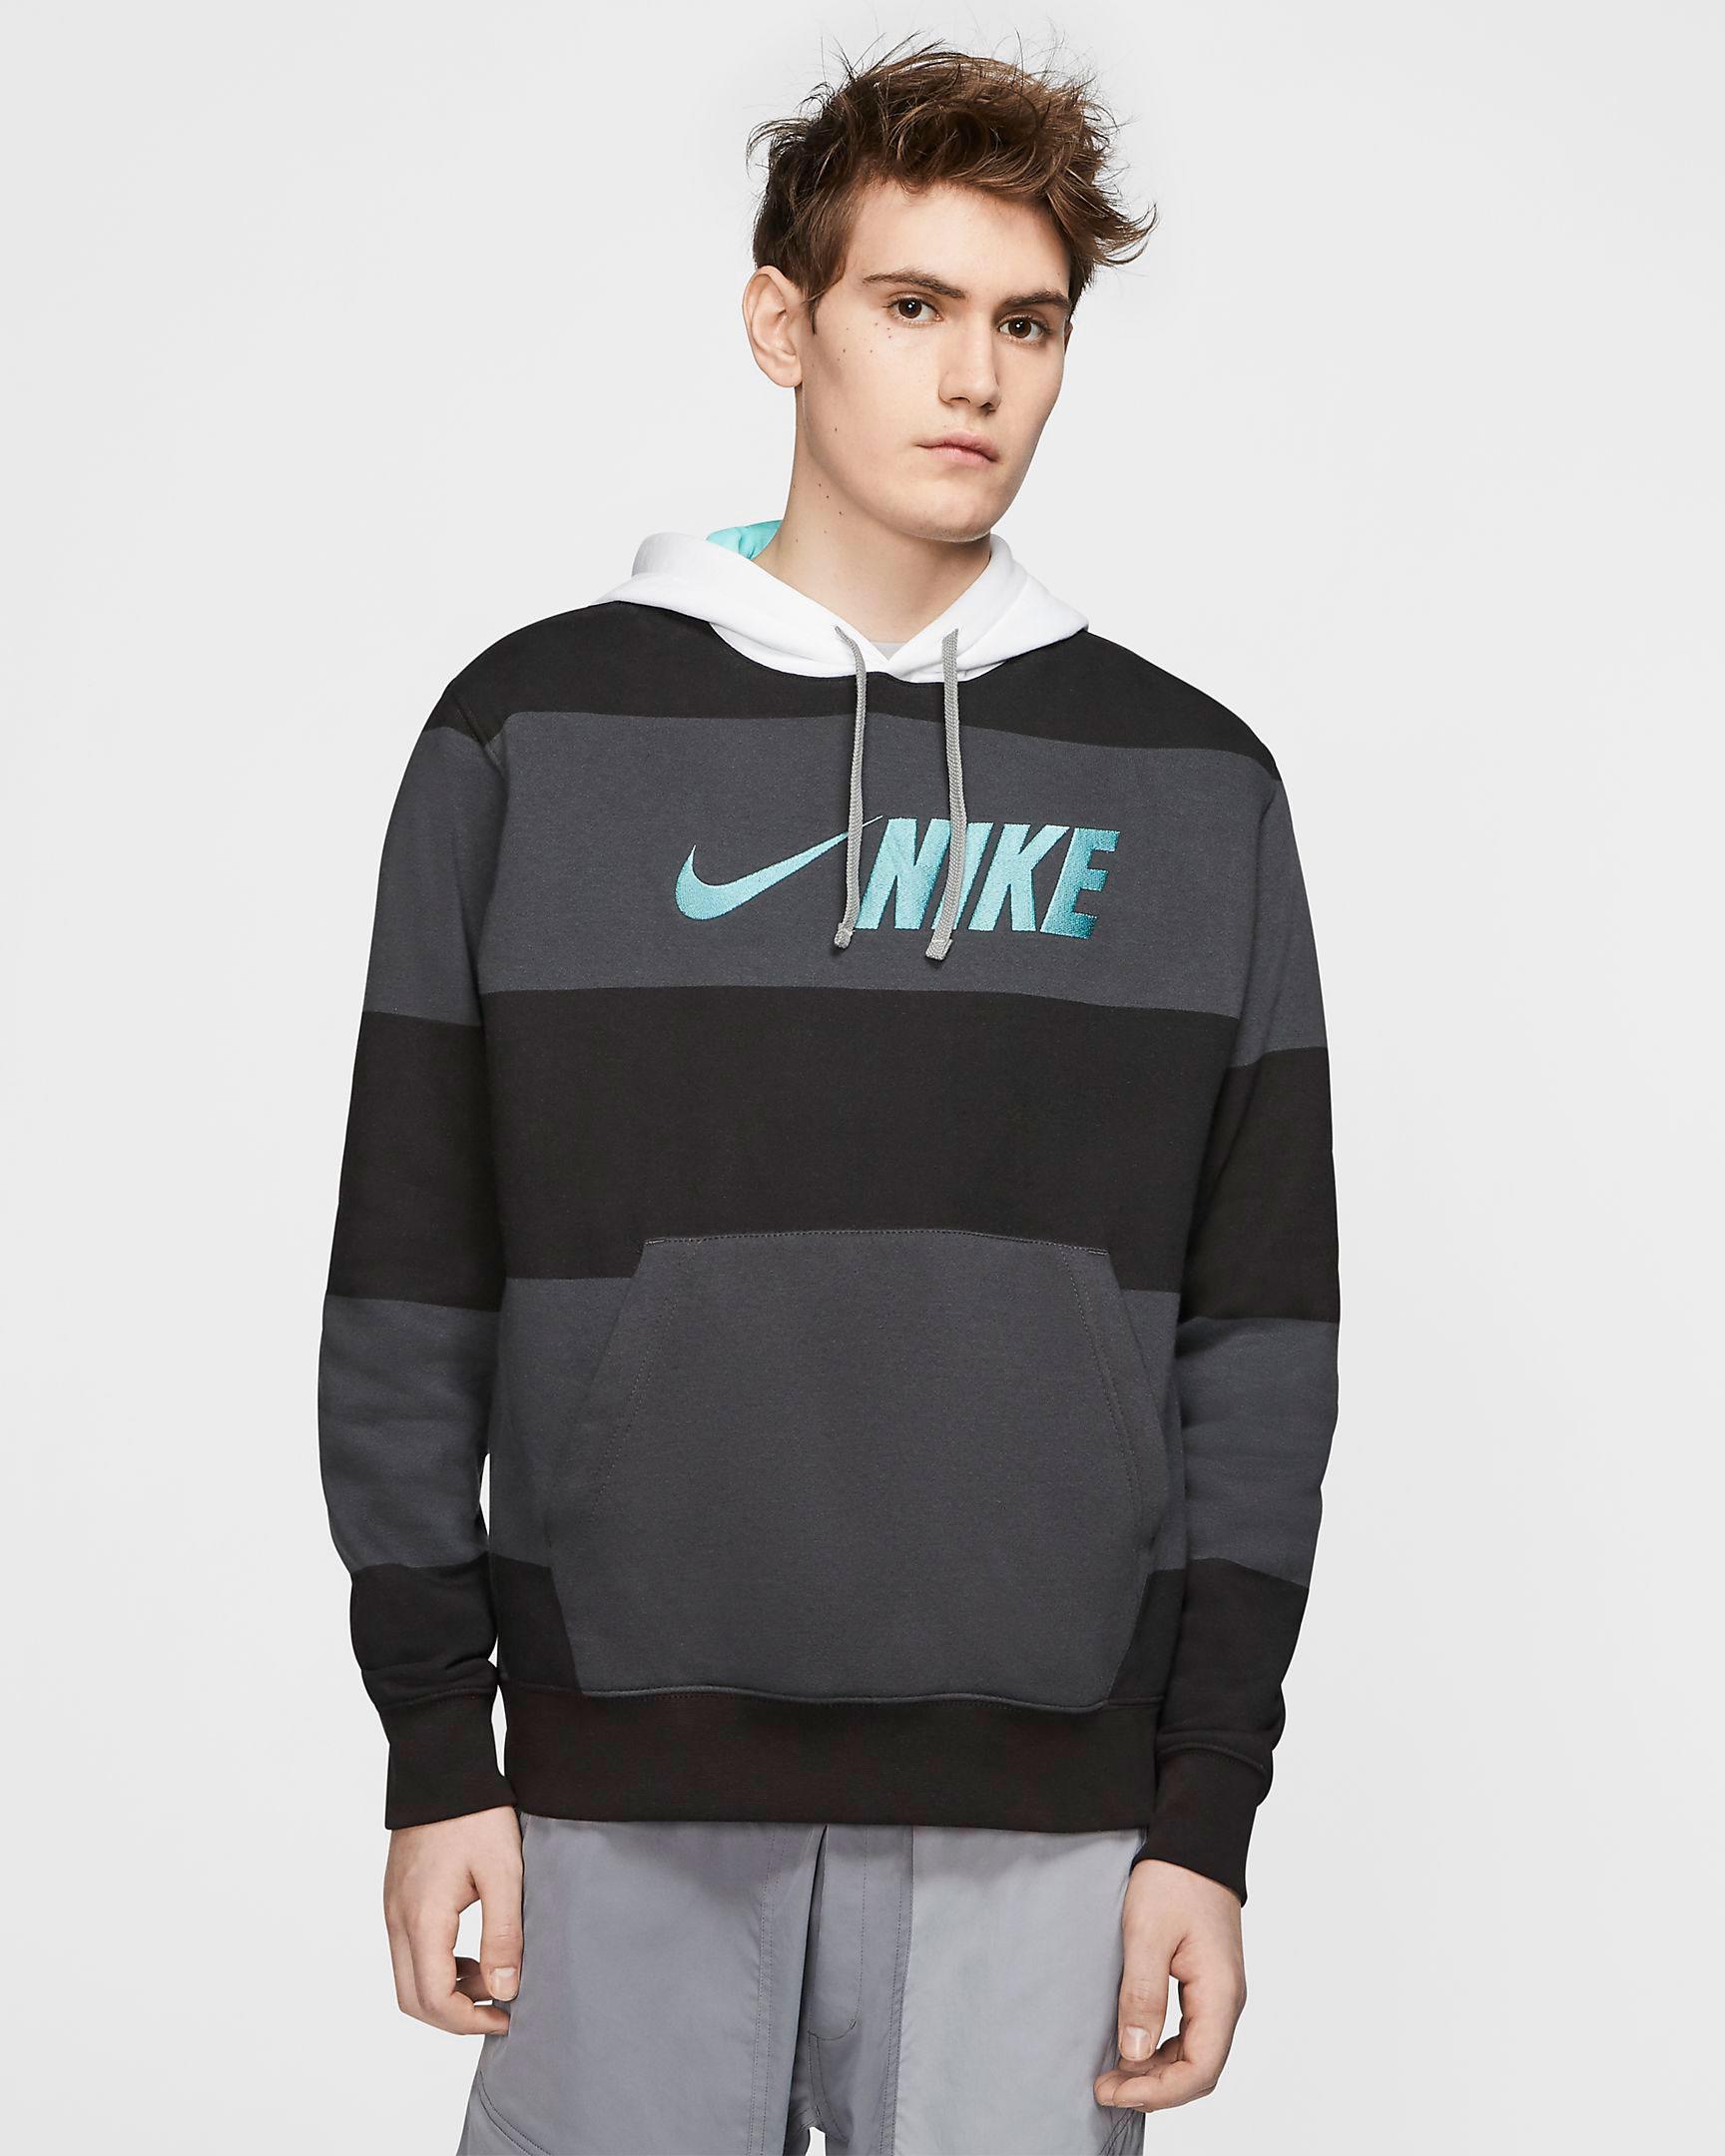 nike-air-max-90-hyper-turquoise-hoodie-1